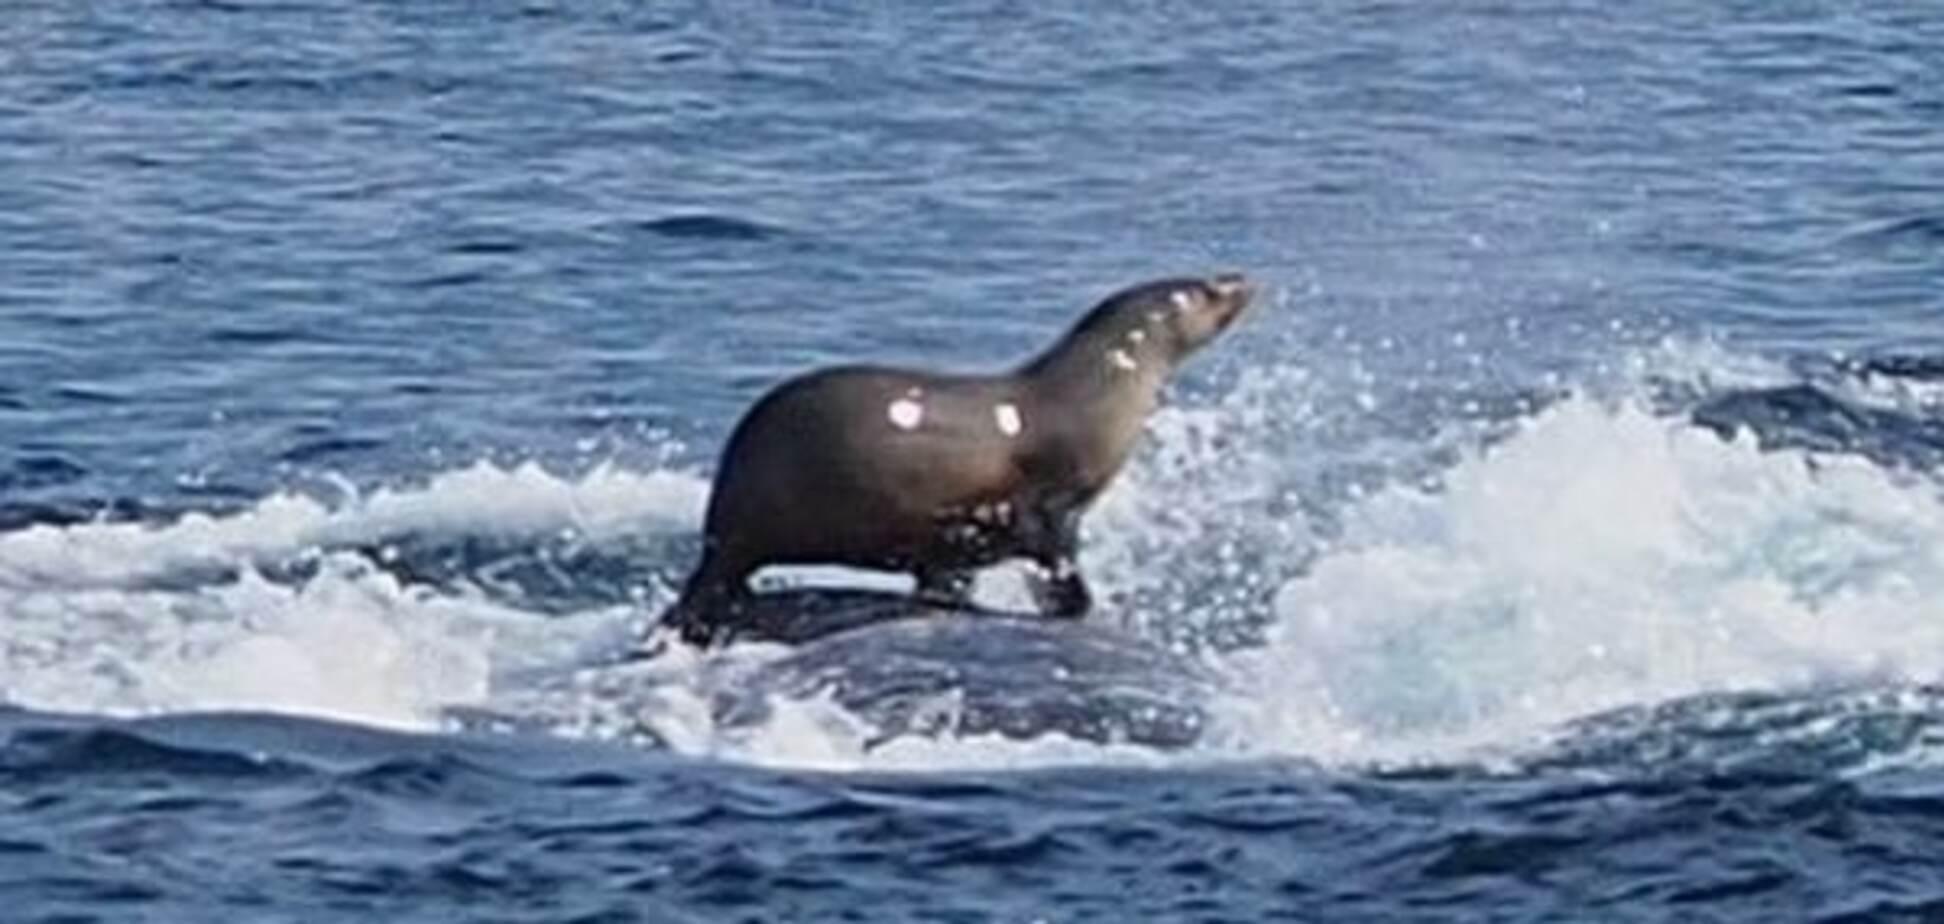 У берегов Австралии морской котик прокатился на спине у кита. Фотофакт